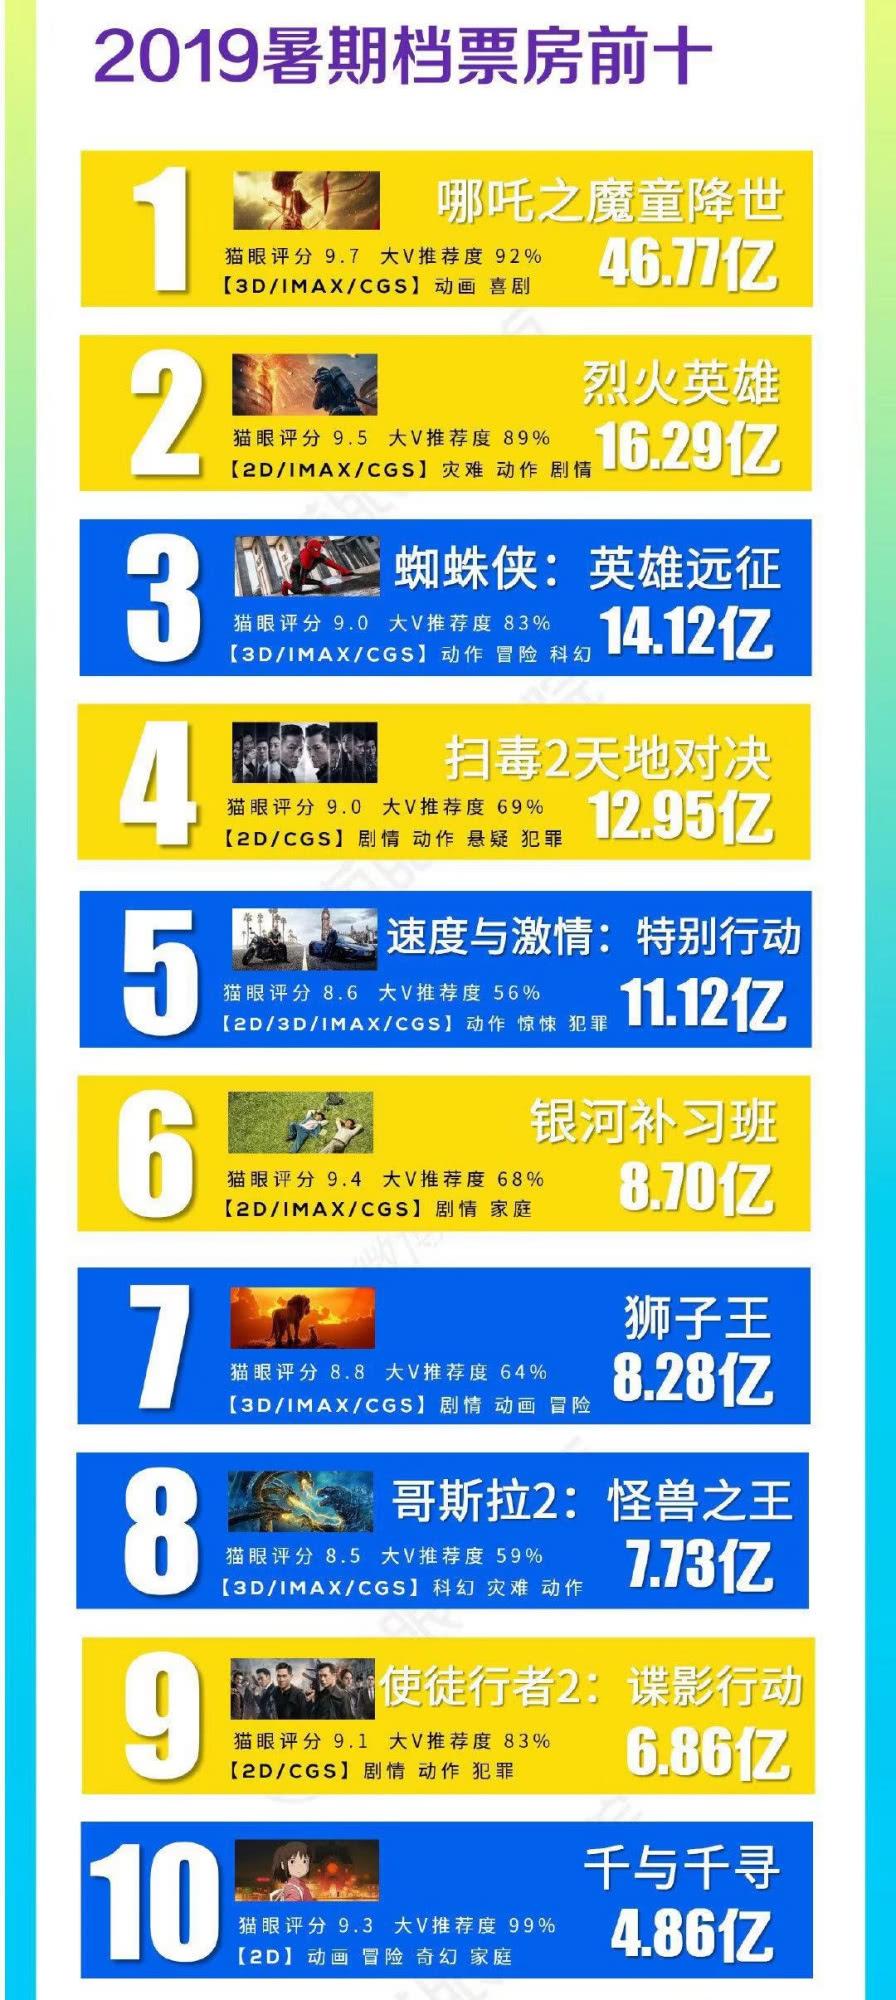 2019暑期档票房前十:刘德华宝刀未老,章子怡、杨紫均是配角